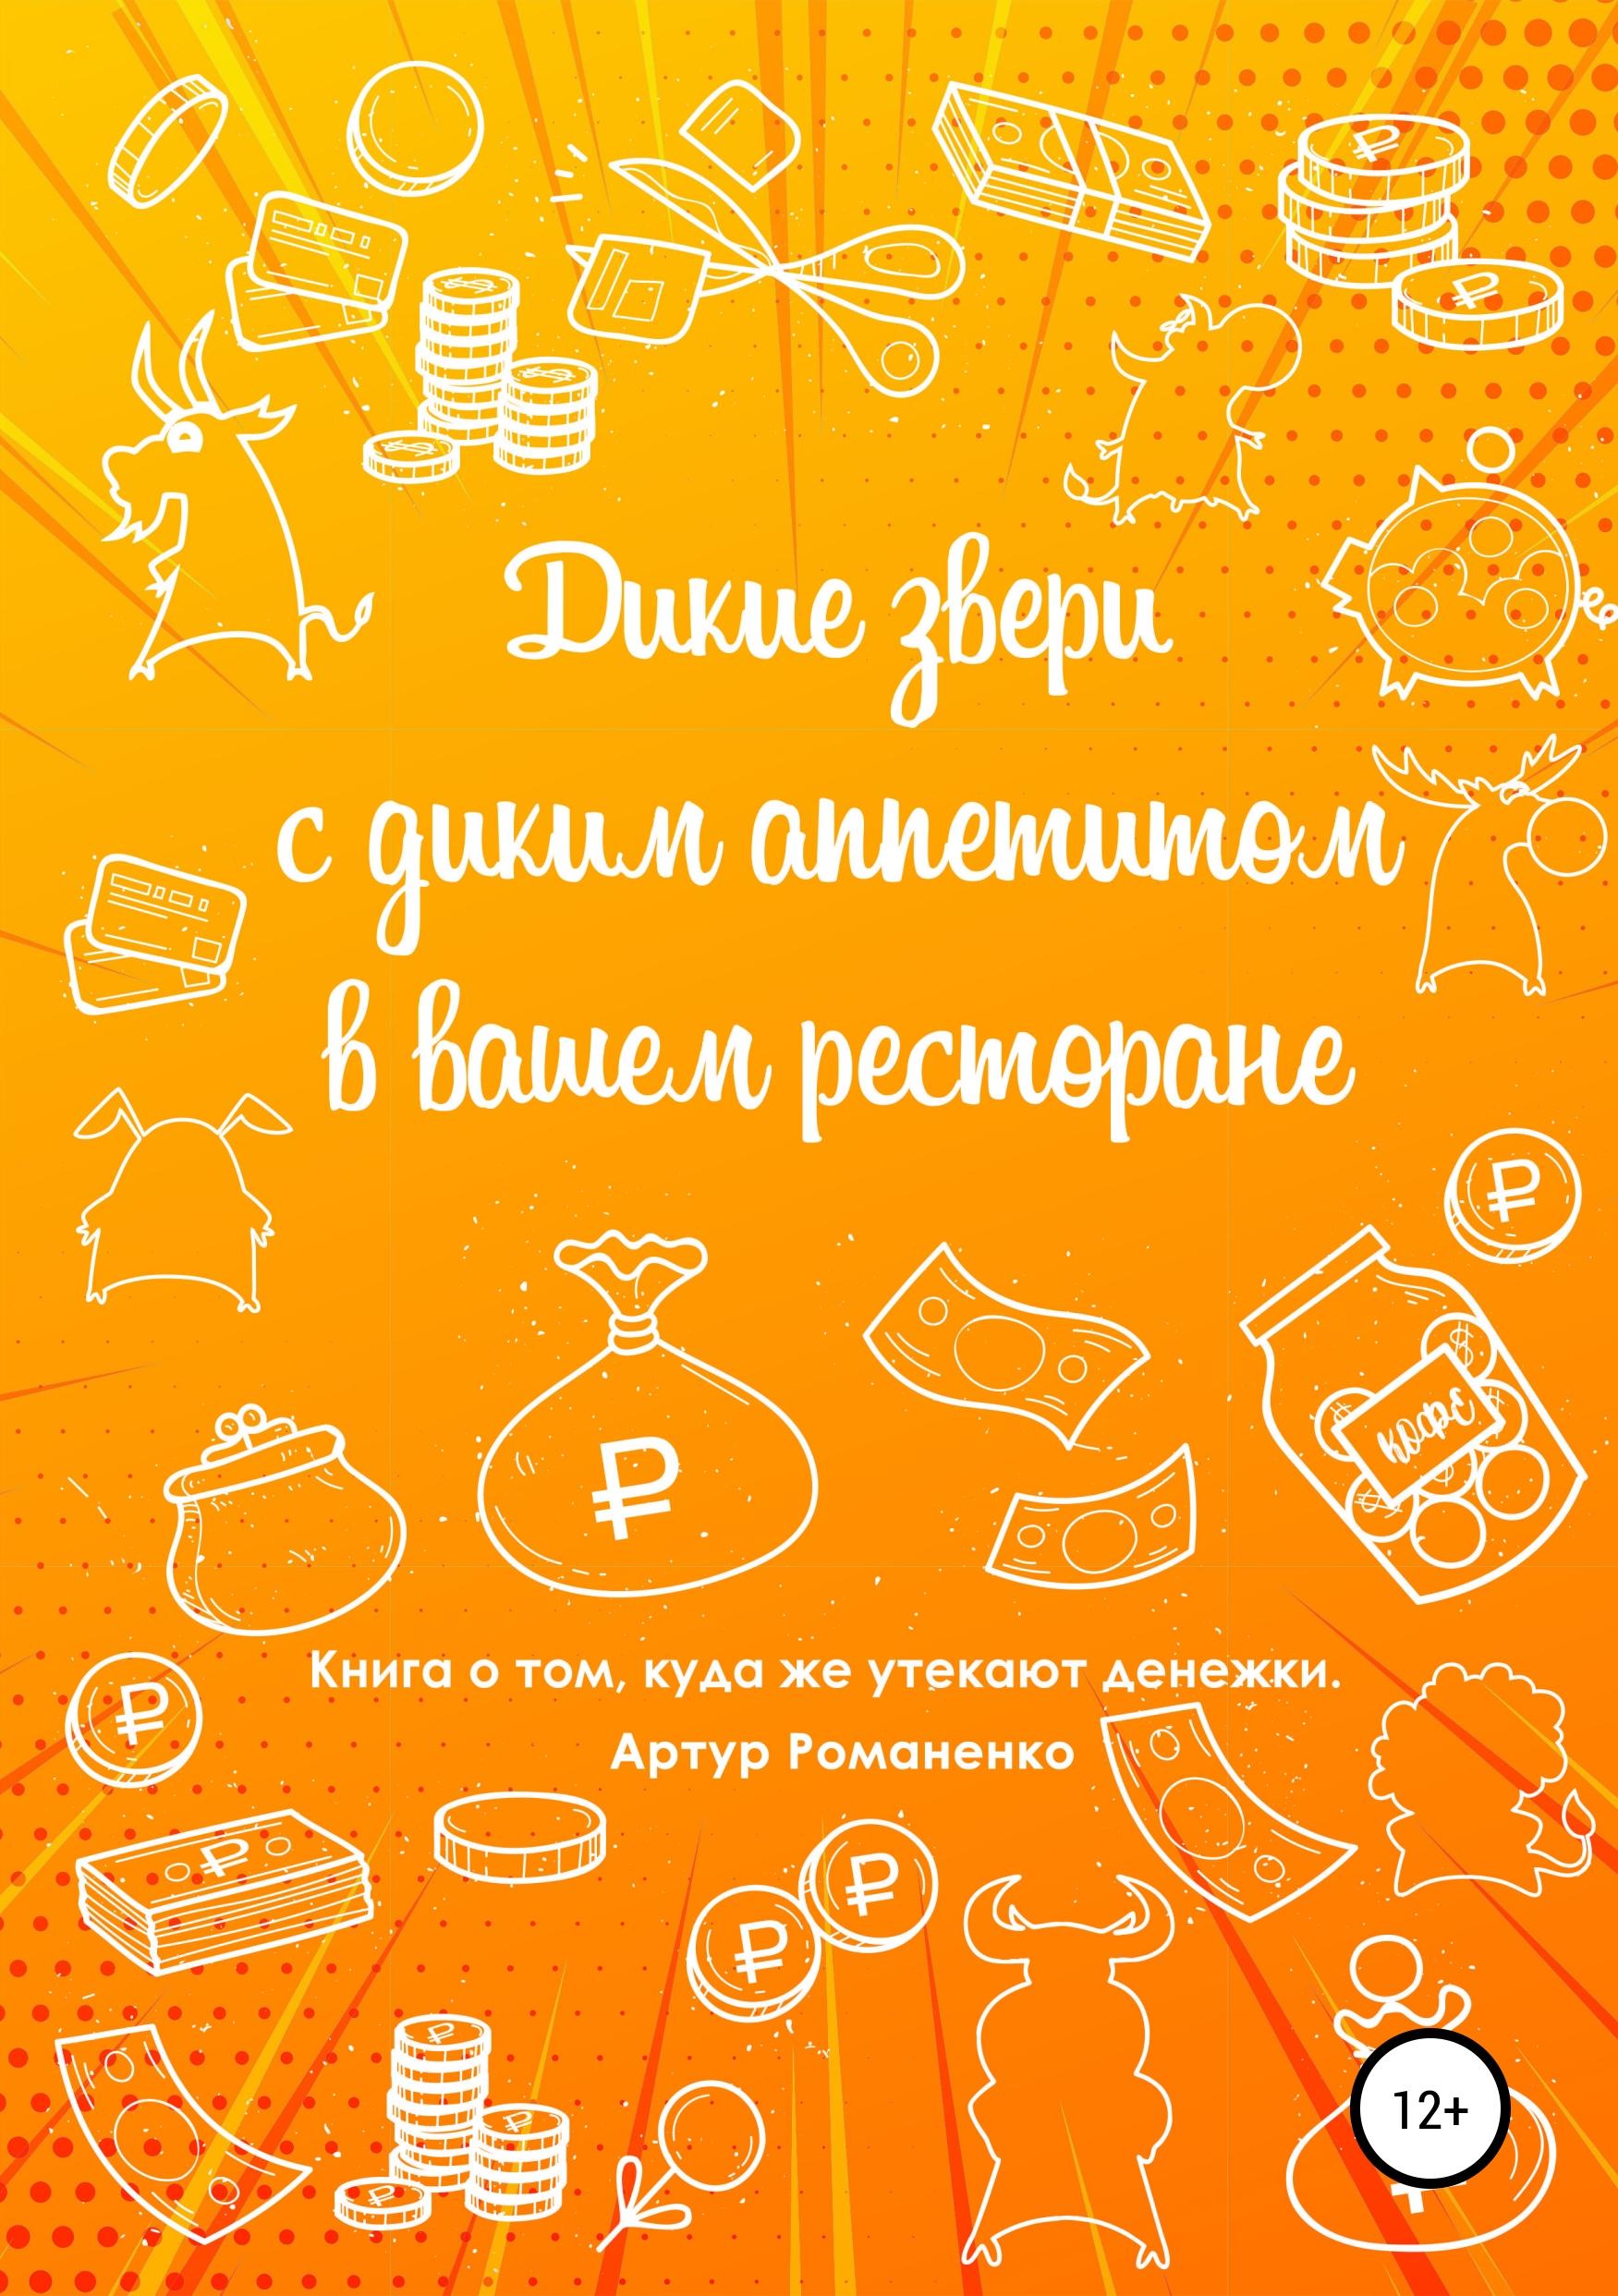 Обложка книги. Автор - Артур Романенко